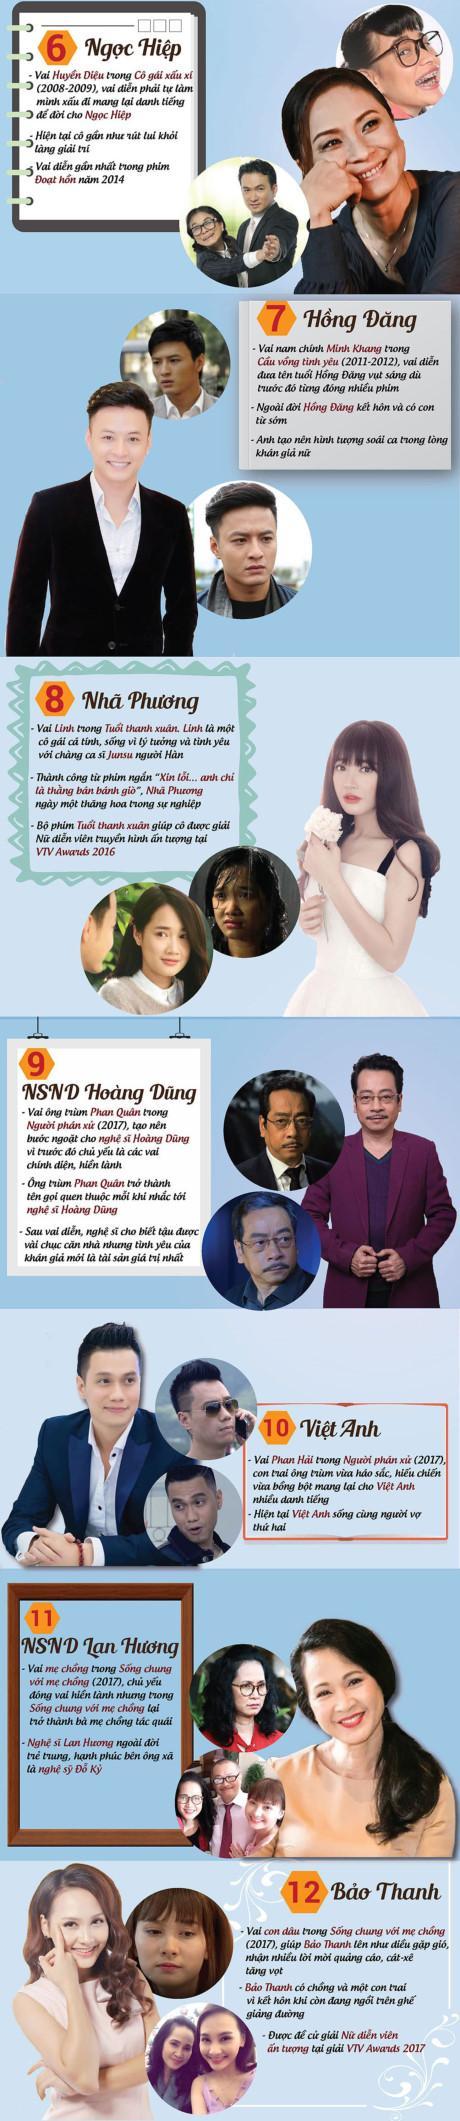 12 gương mặt đi đâu cũng nhớ trong phim truyền hình Việt 20 năm qua-2